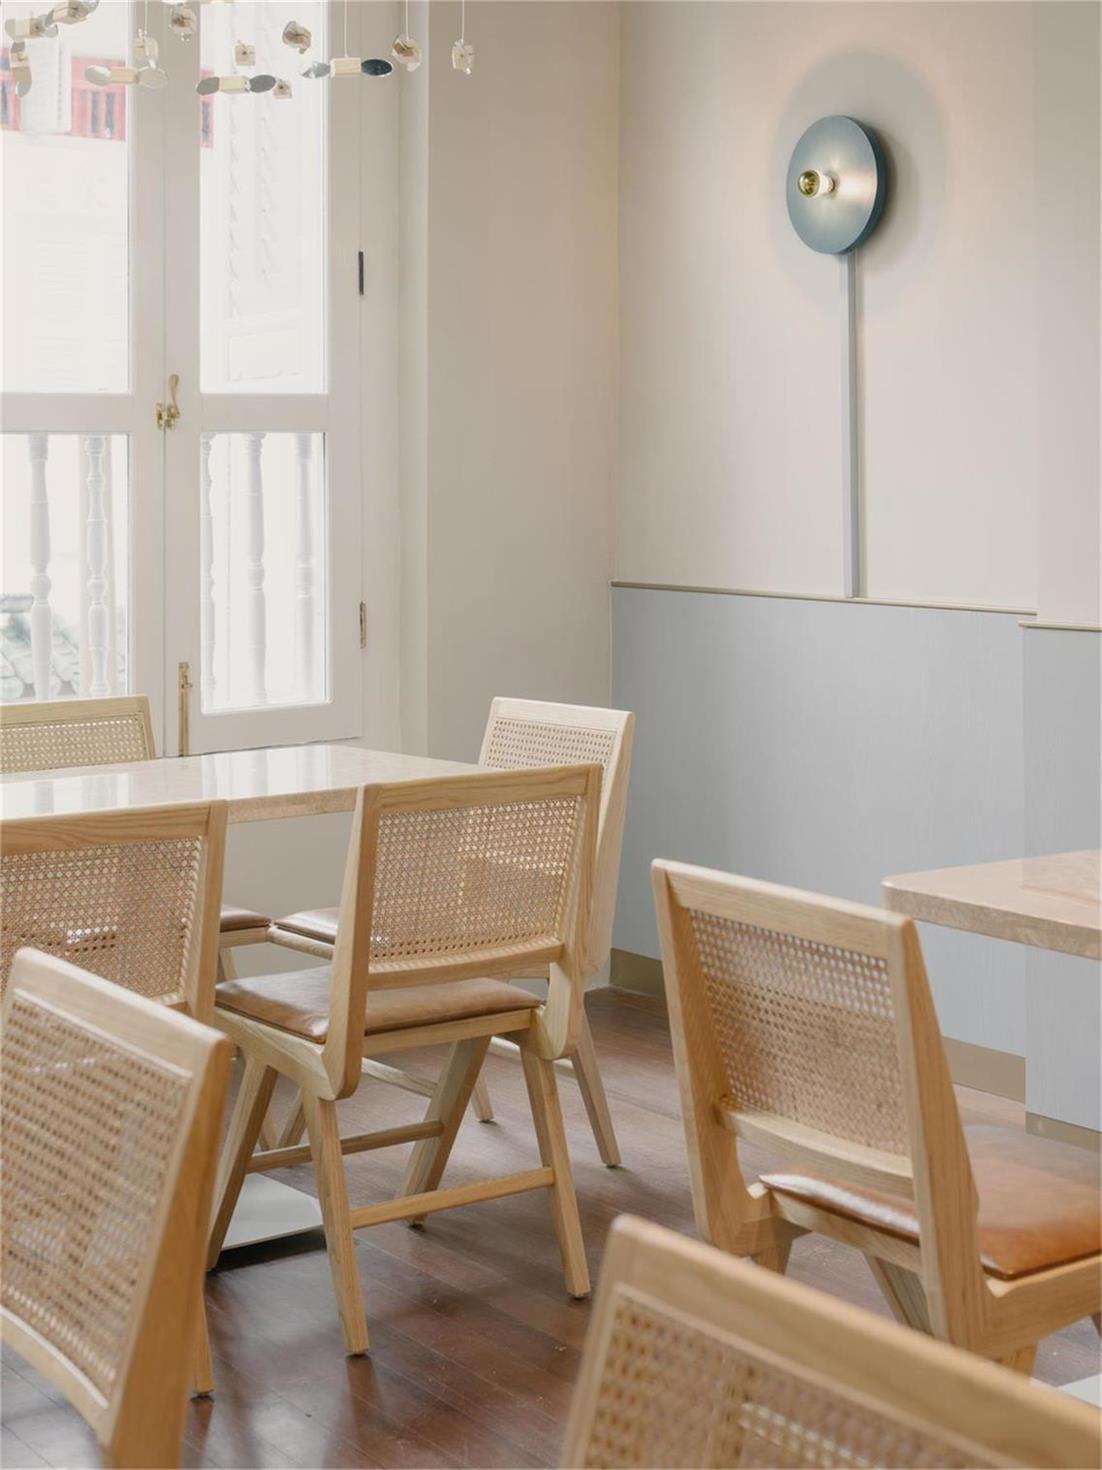 面包咖啡店设计